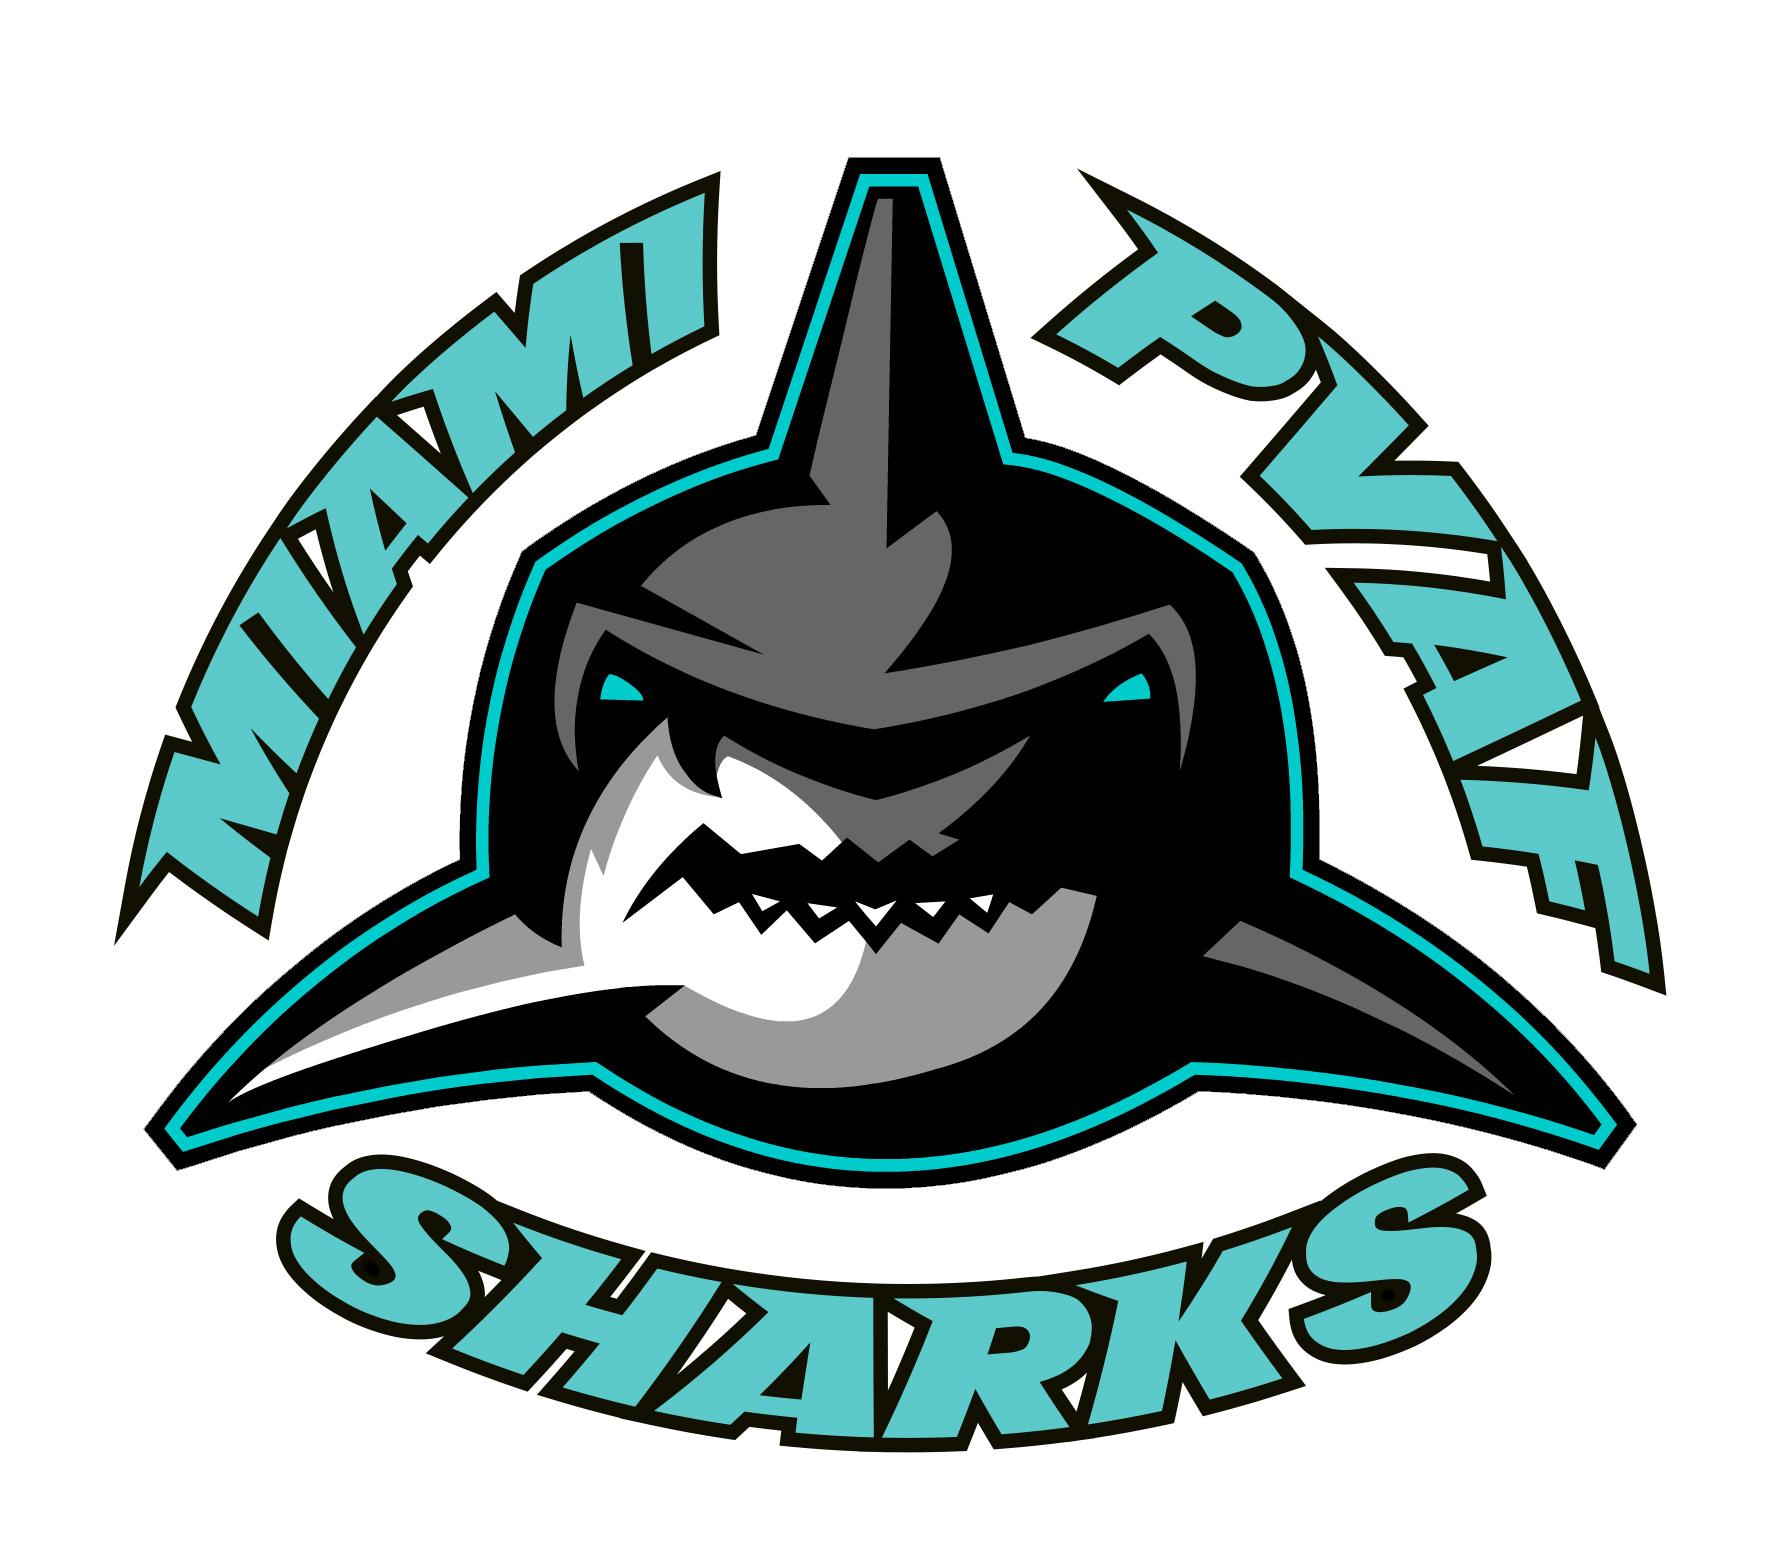 logo-miapva-sharks